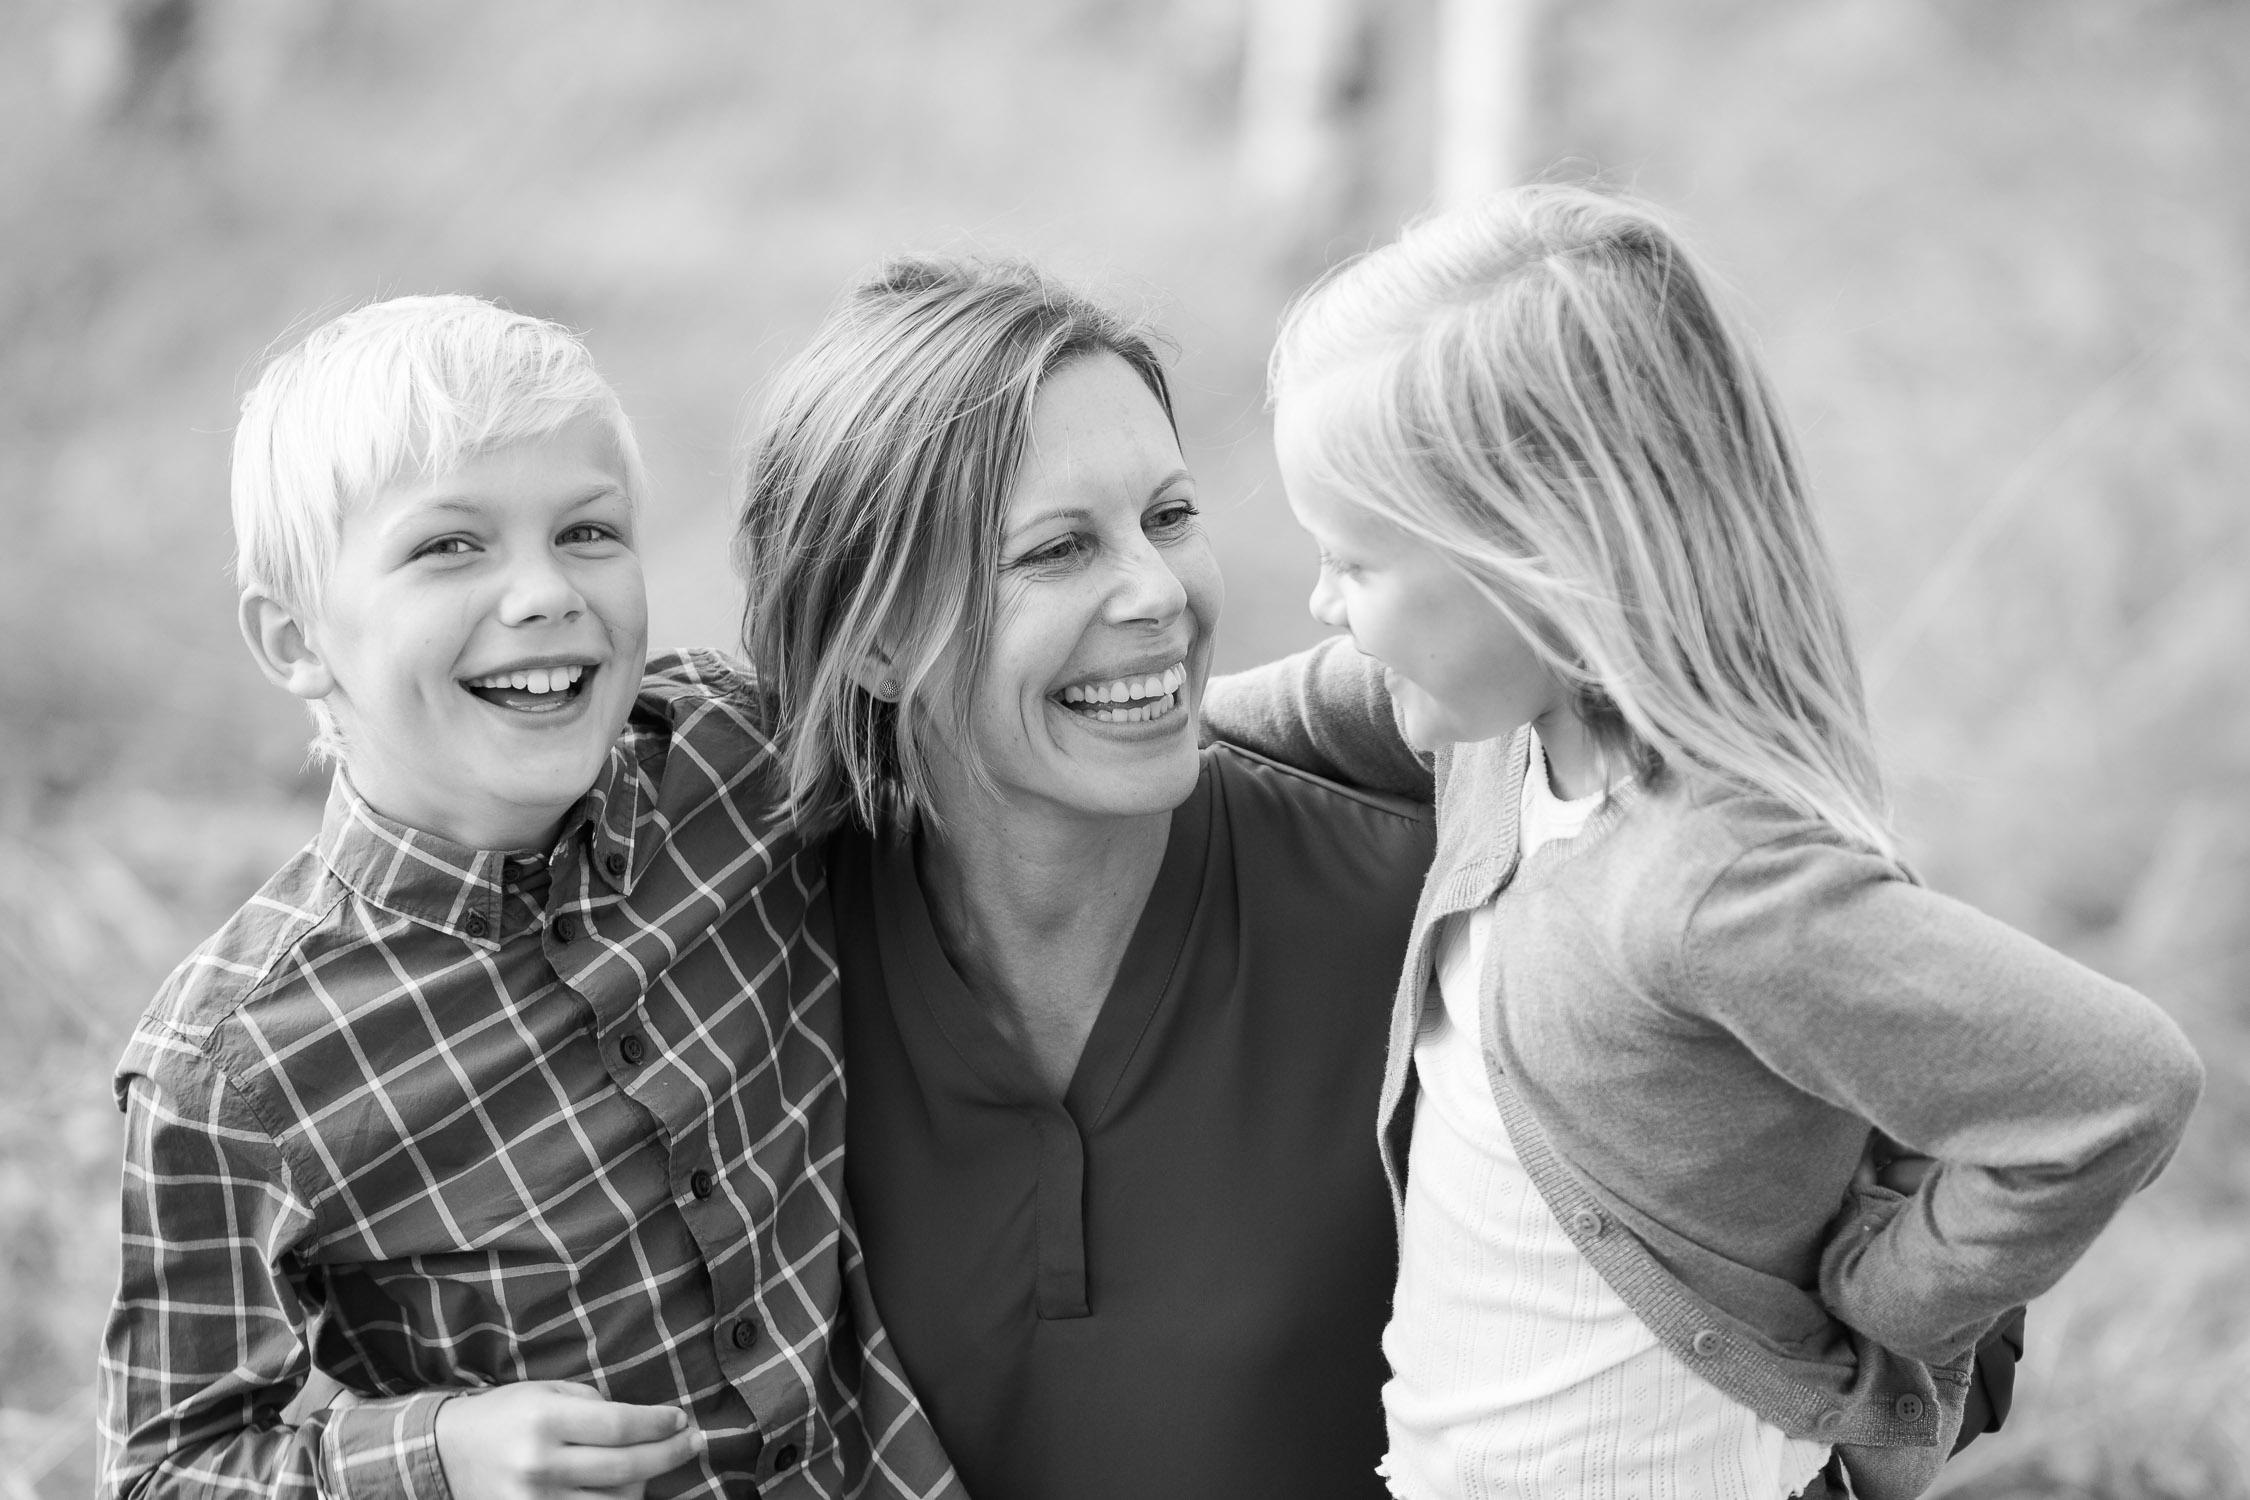 familj-fotograf-mariefred-strangnas-nykvarn-3